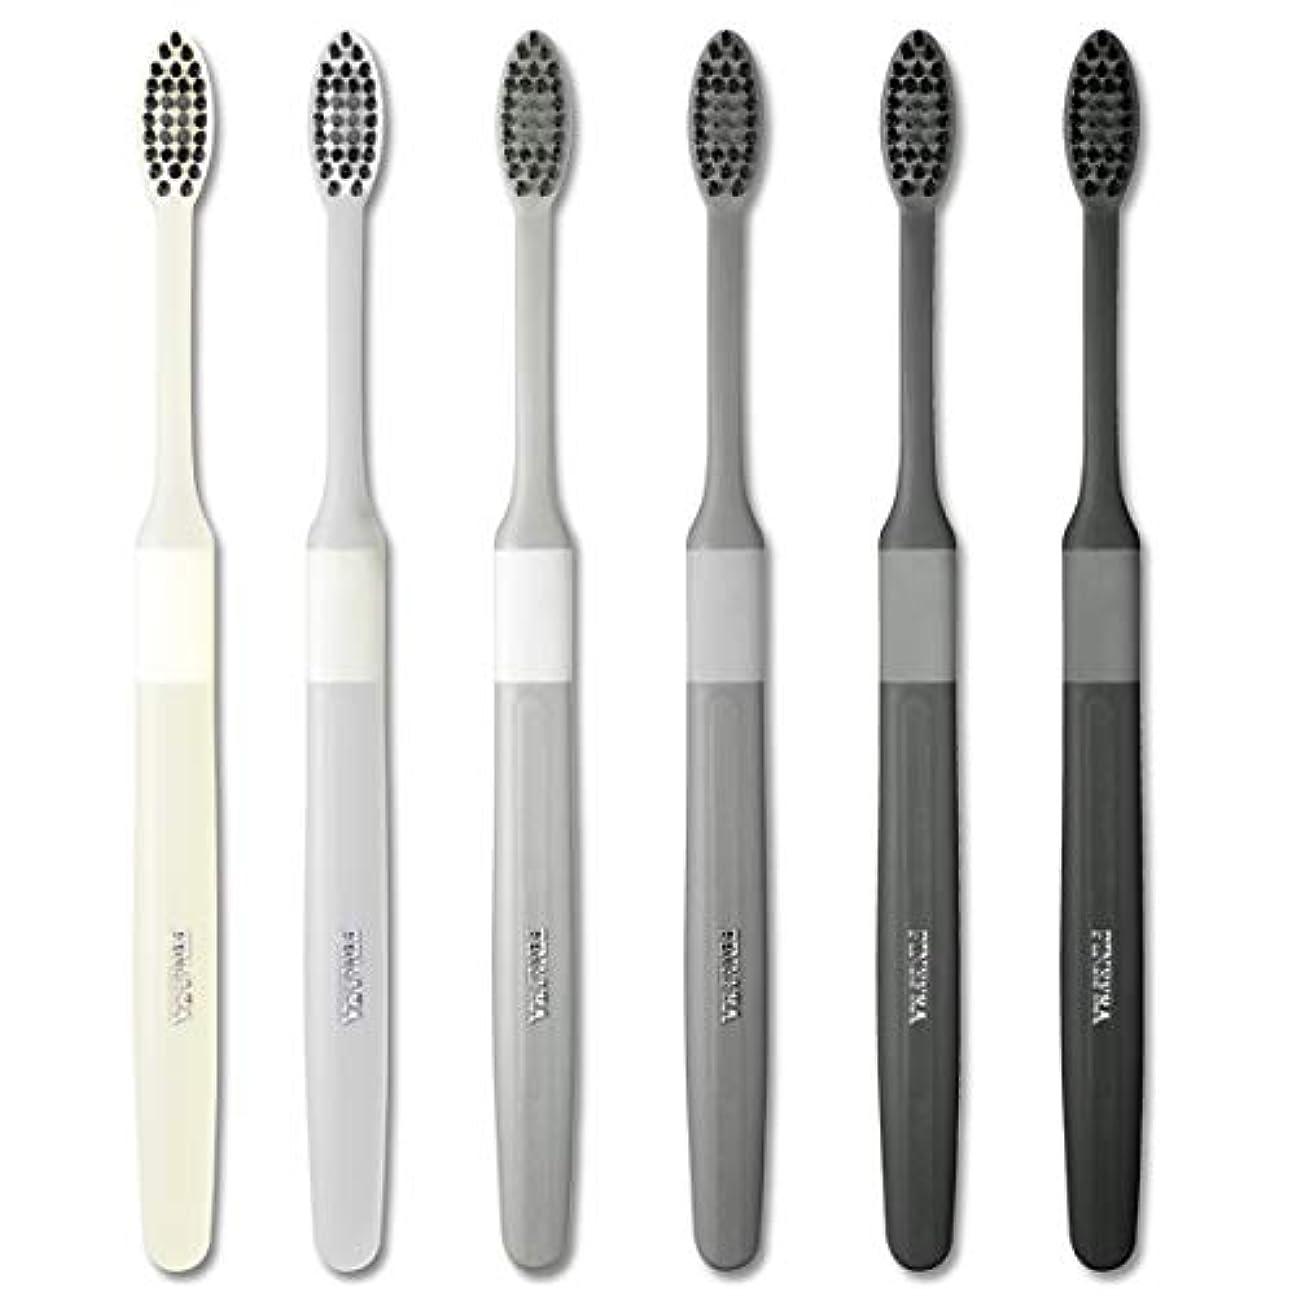 破壊的なノベルティ代表してFINEFRA歯ブラシ(6本セット)